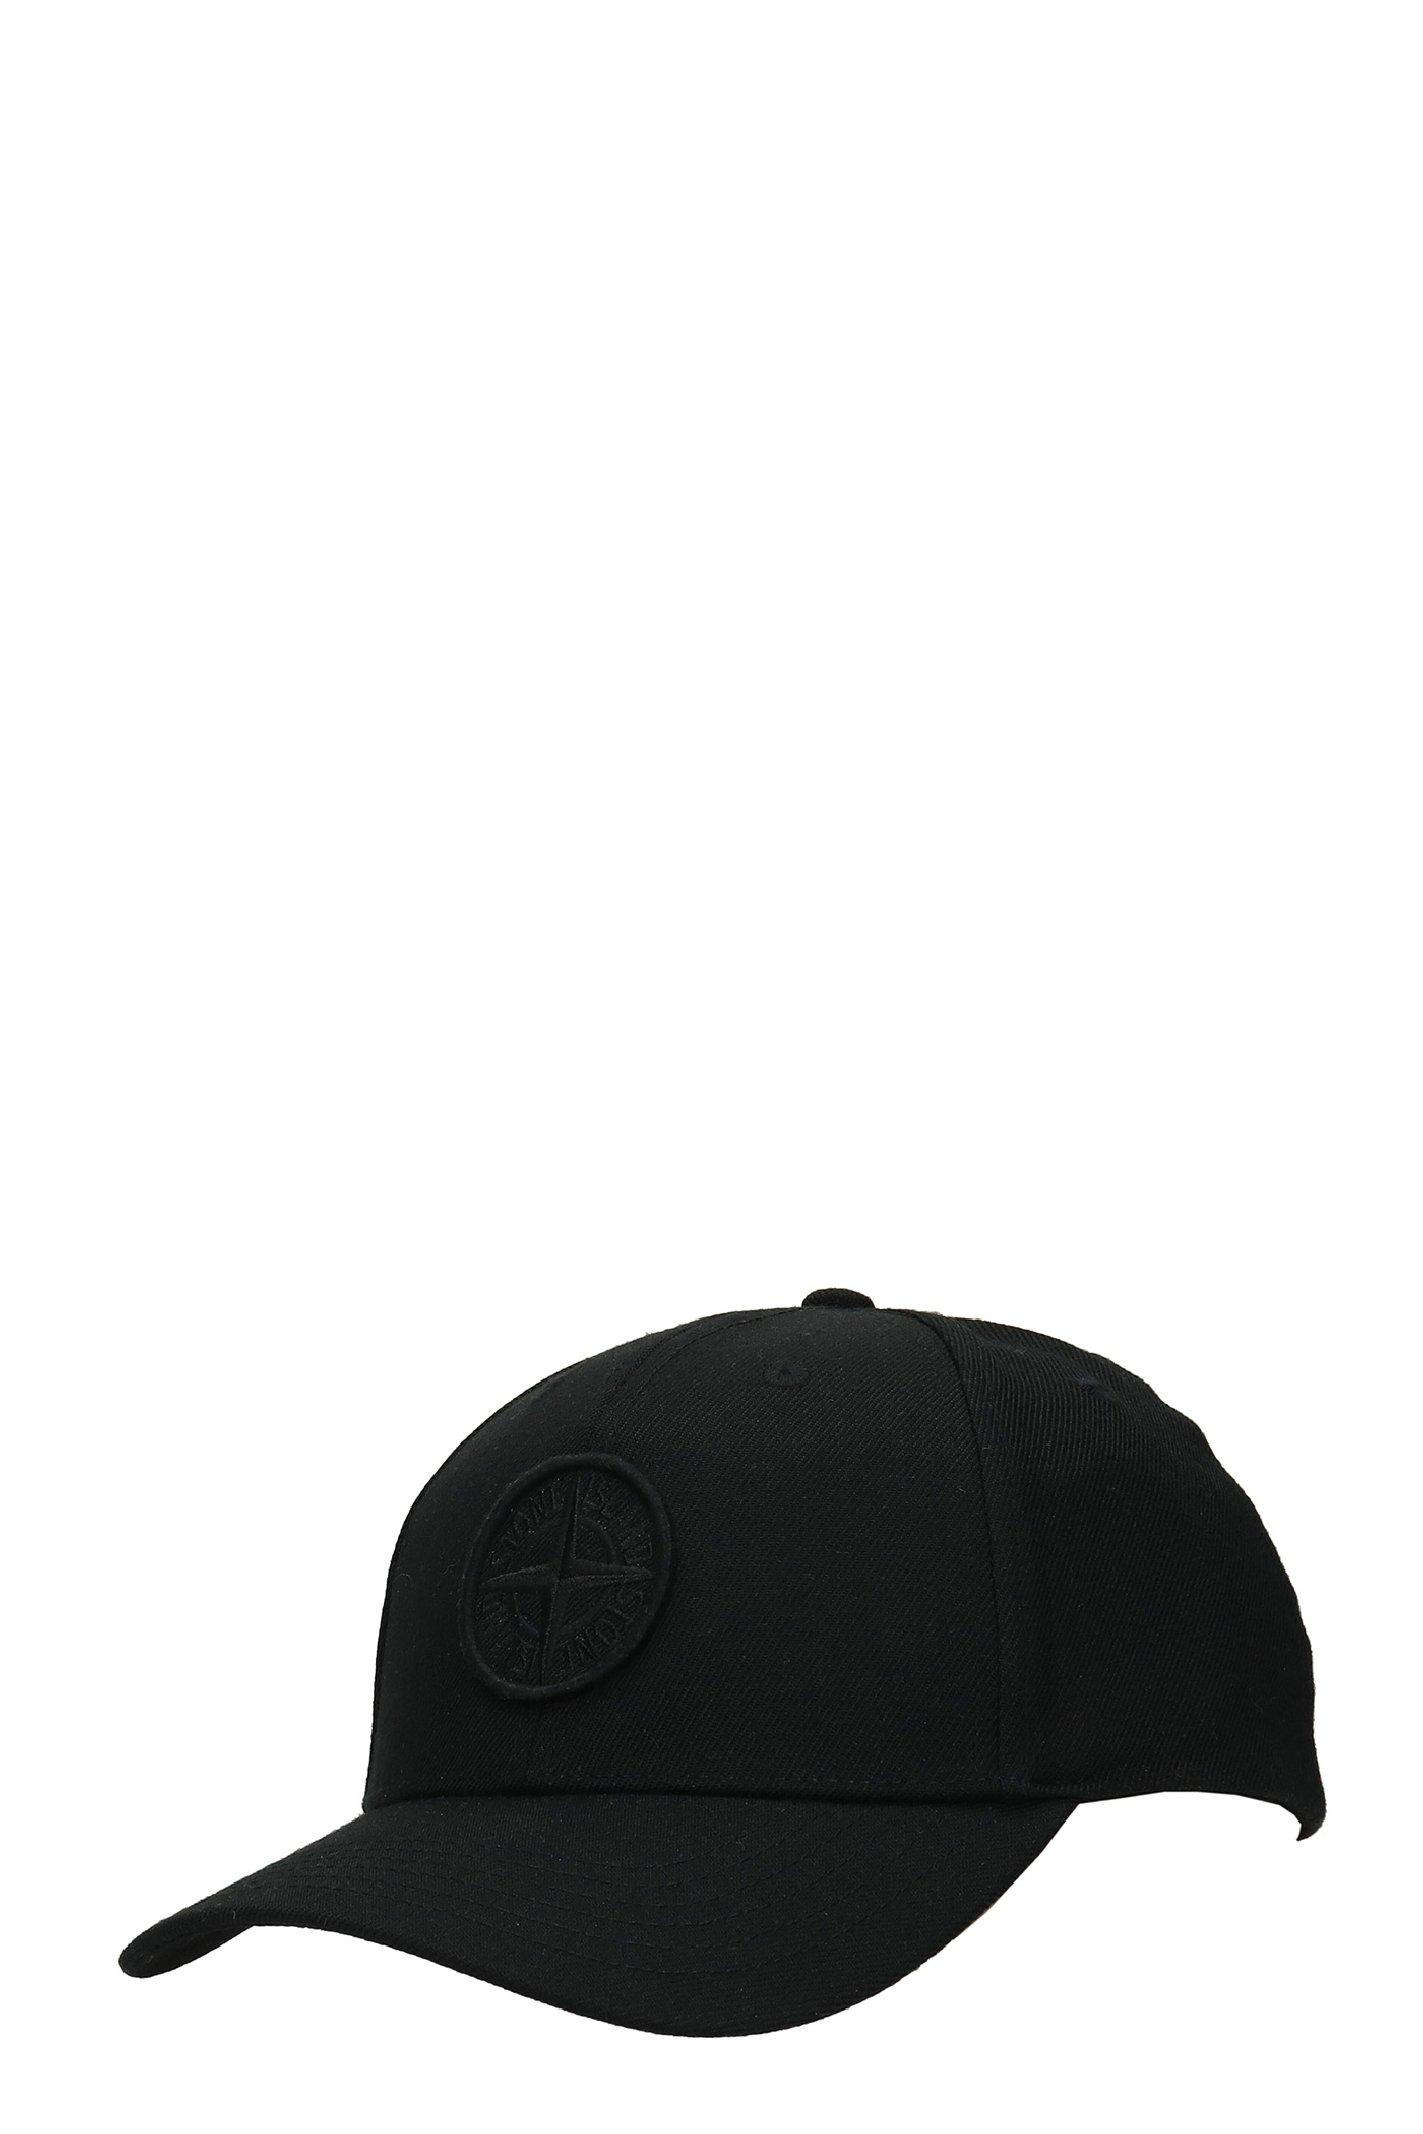 STONE ISLAND | Hats | 751599675V0029